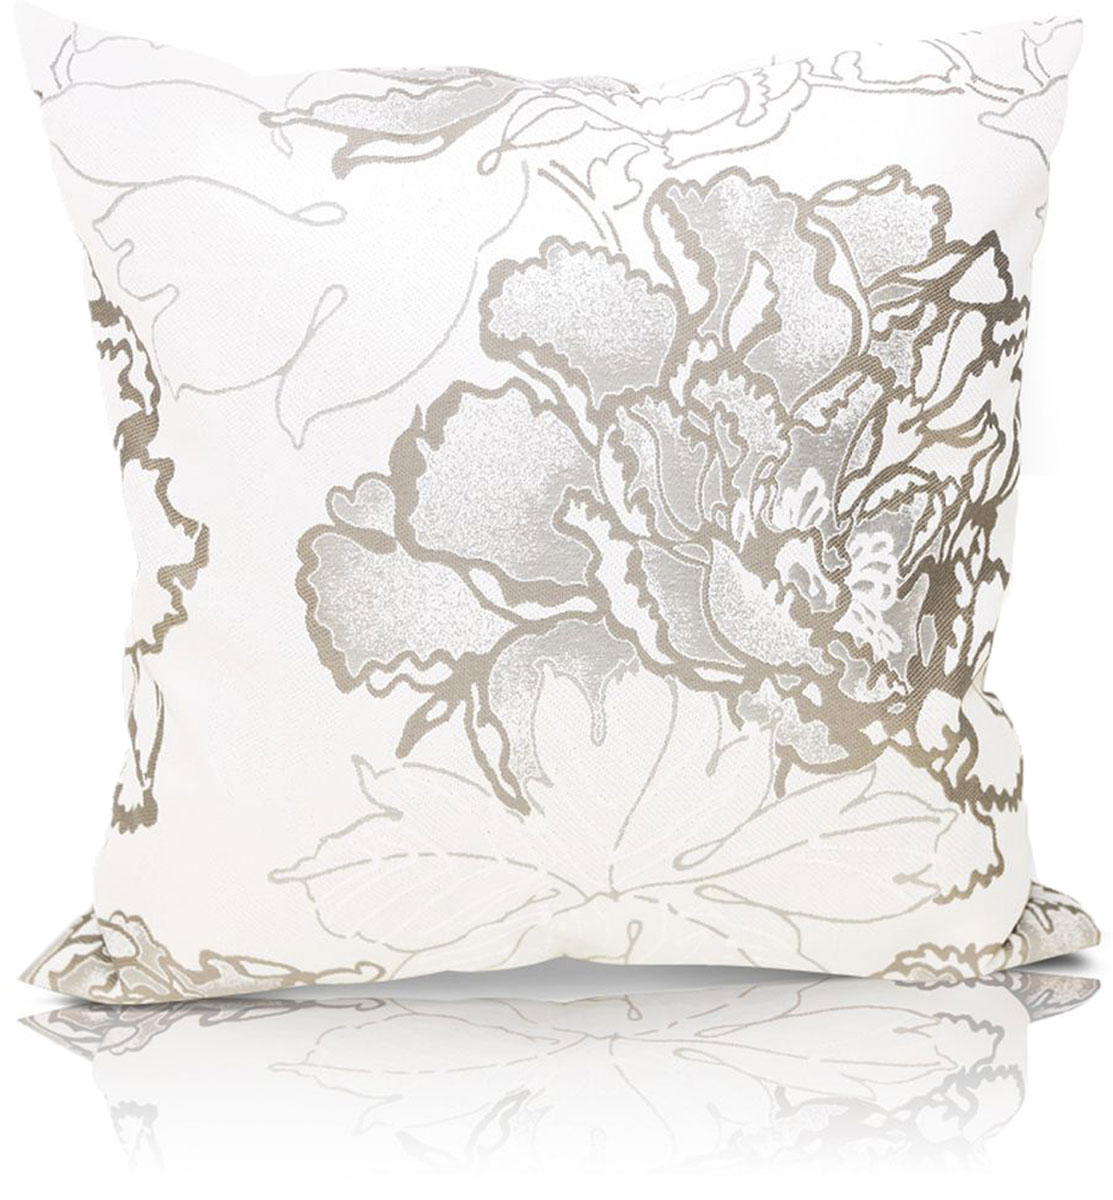 """Декоративная подушка """"Рапсодия"""" прекрасно дополнит интерьер спальни или гостиной.  Чехол  подушки выполнен из жаккардовой ткани. Внутри находится мягкий наполнитель. Чехол  легко снимается  благодаря потайной молнии."""